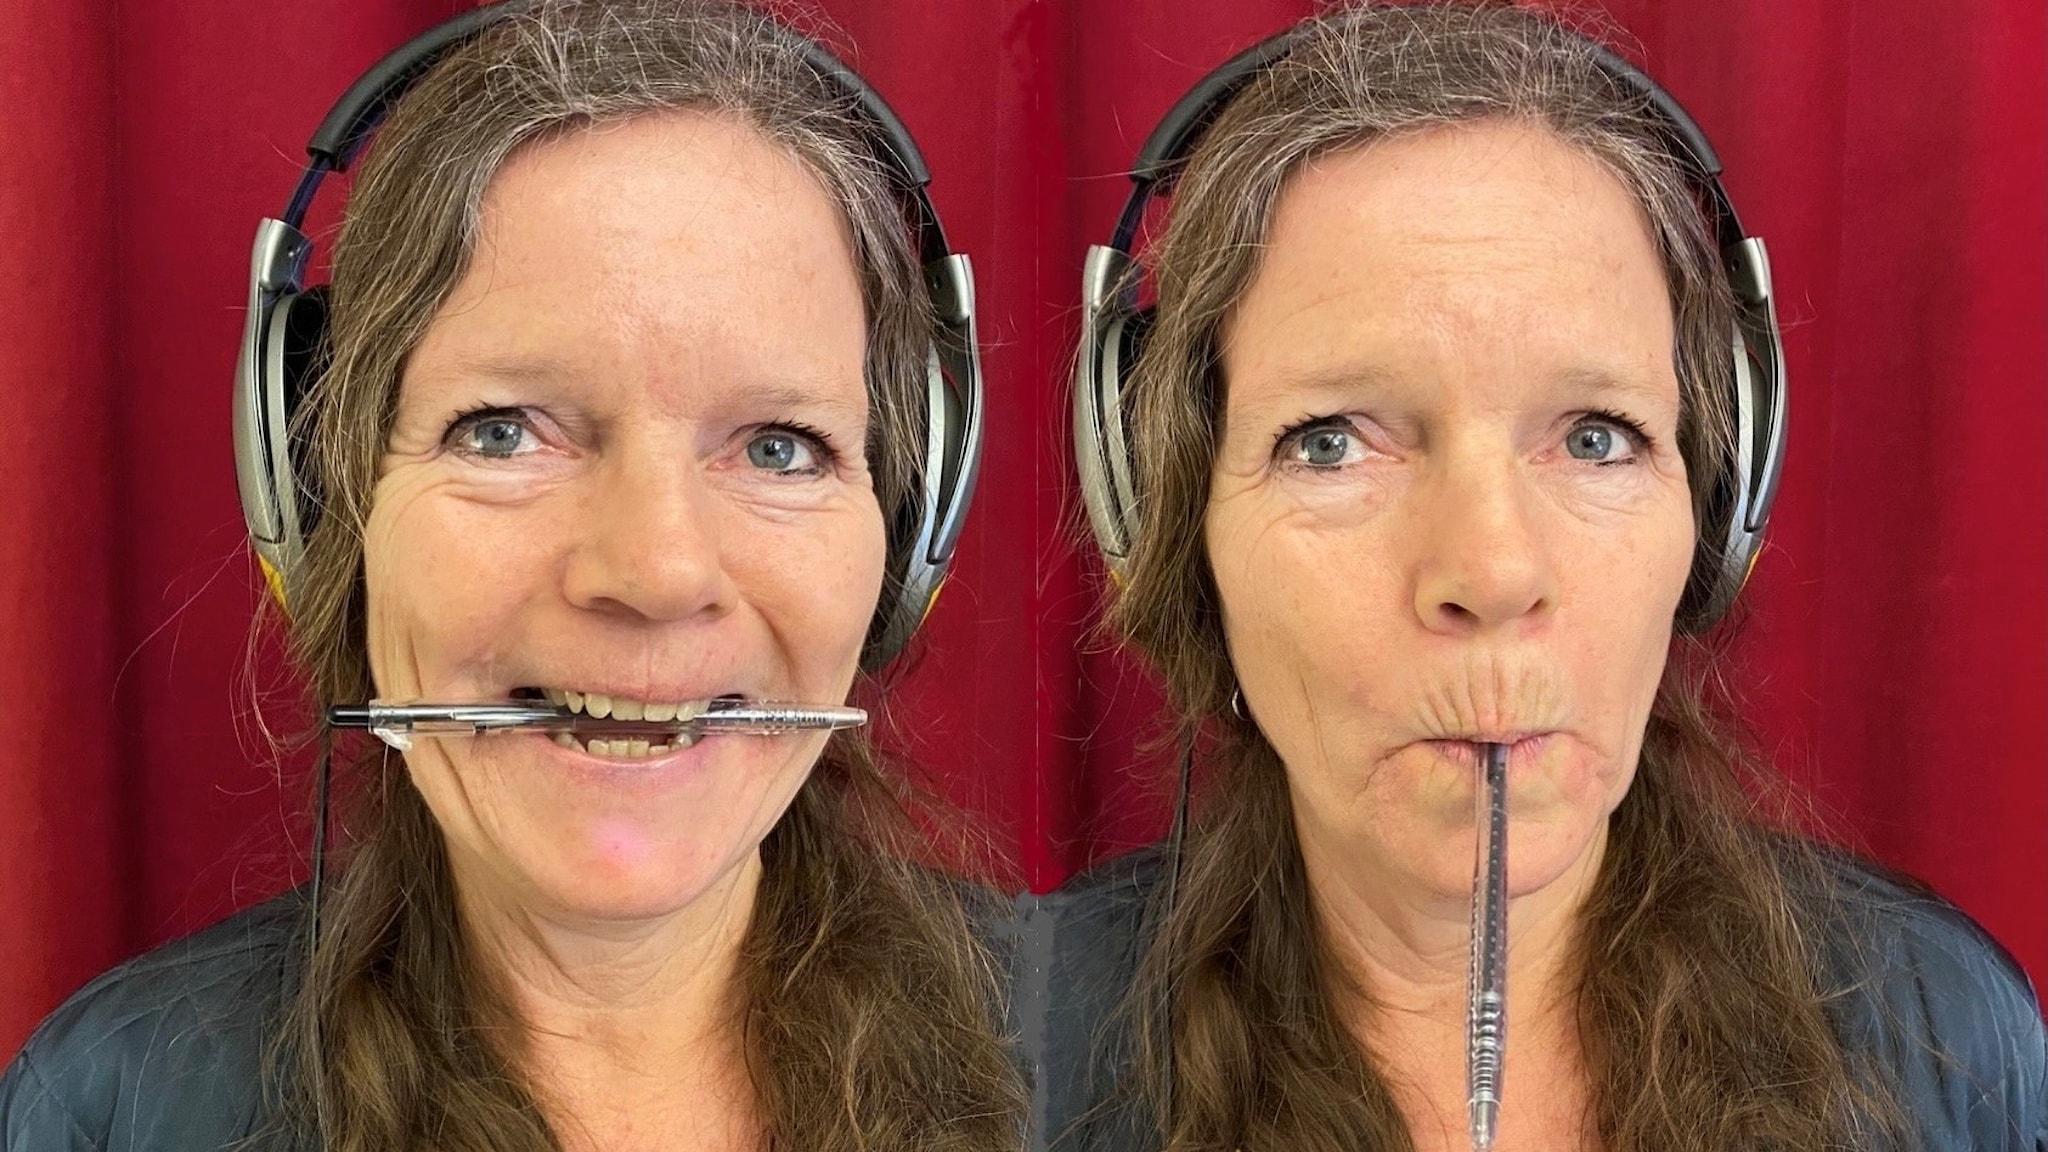 Lena Nordlund på två bilder, en med penna på tvären i munnen, och en med läpparna snörpta runt pennan.